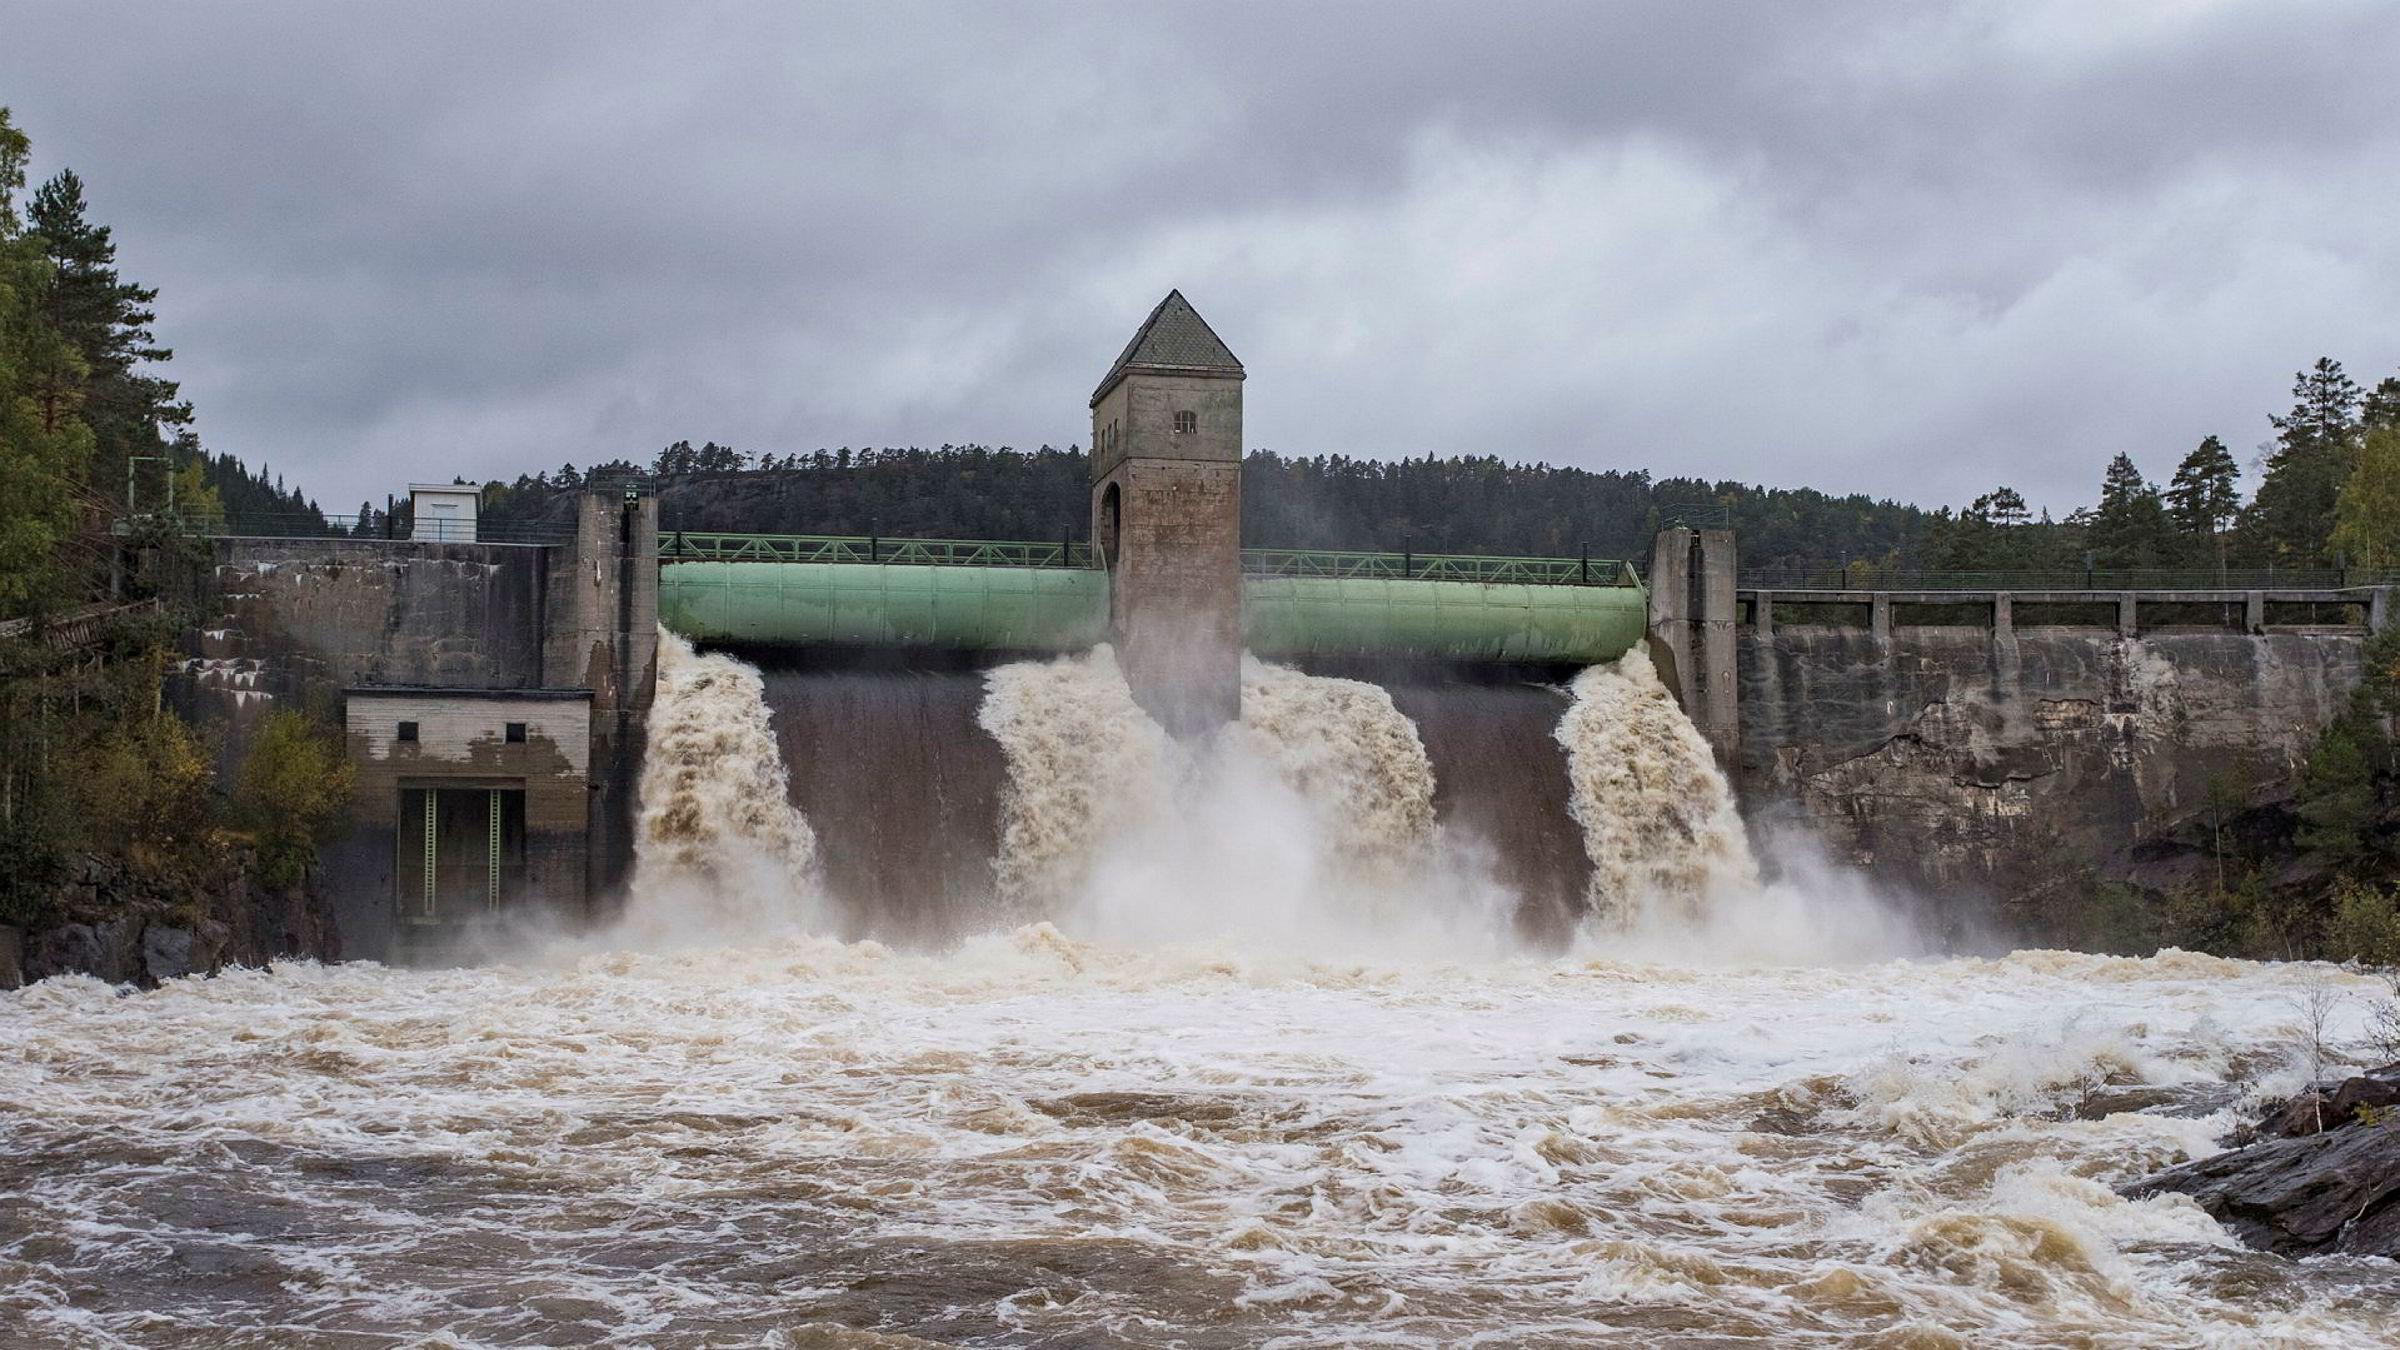 Mer nedbør på grunn av klimaendringer vil gi mer vannkraft i Norge.